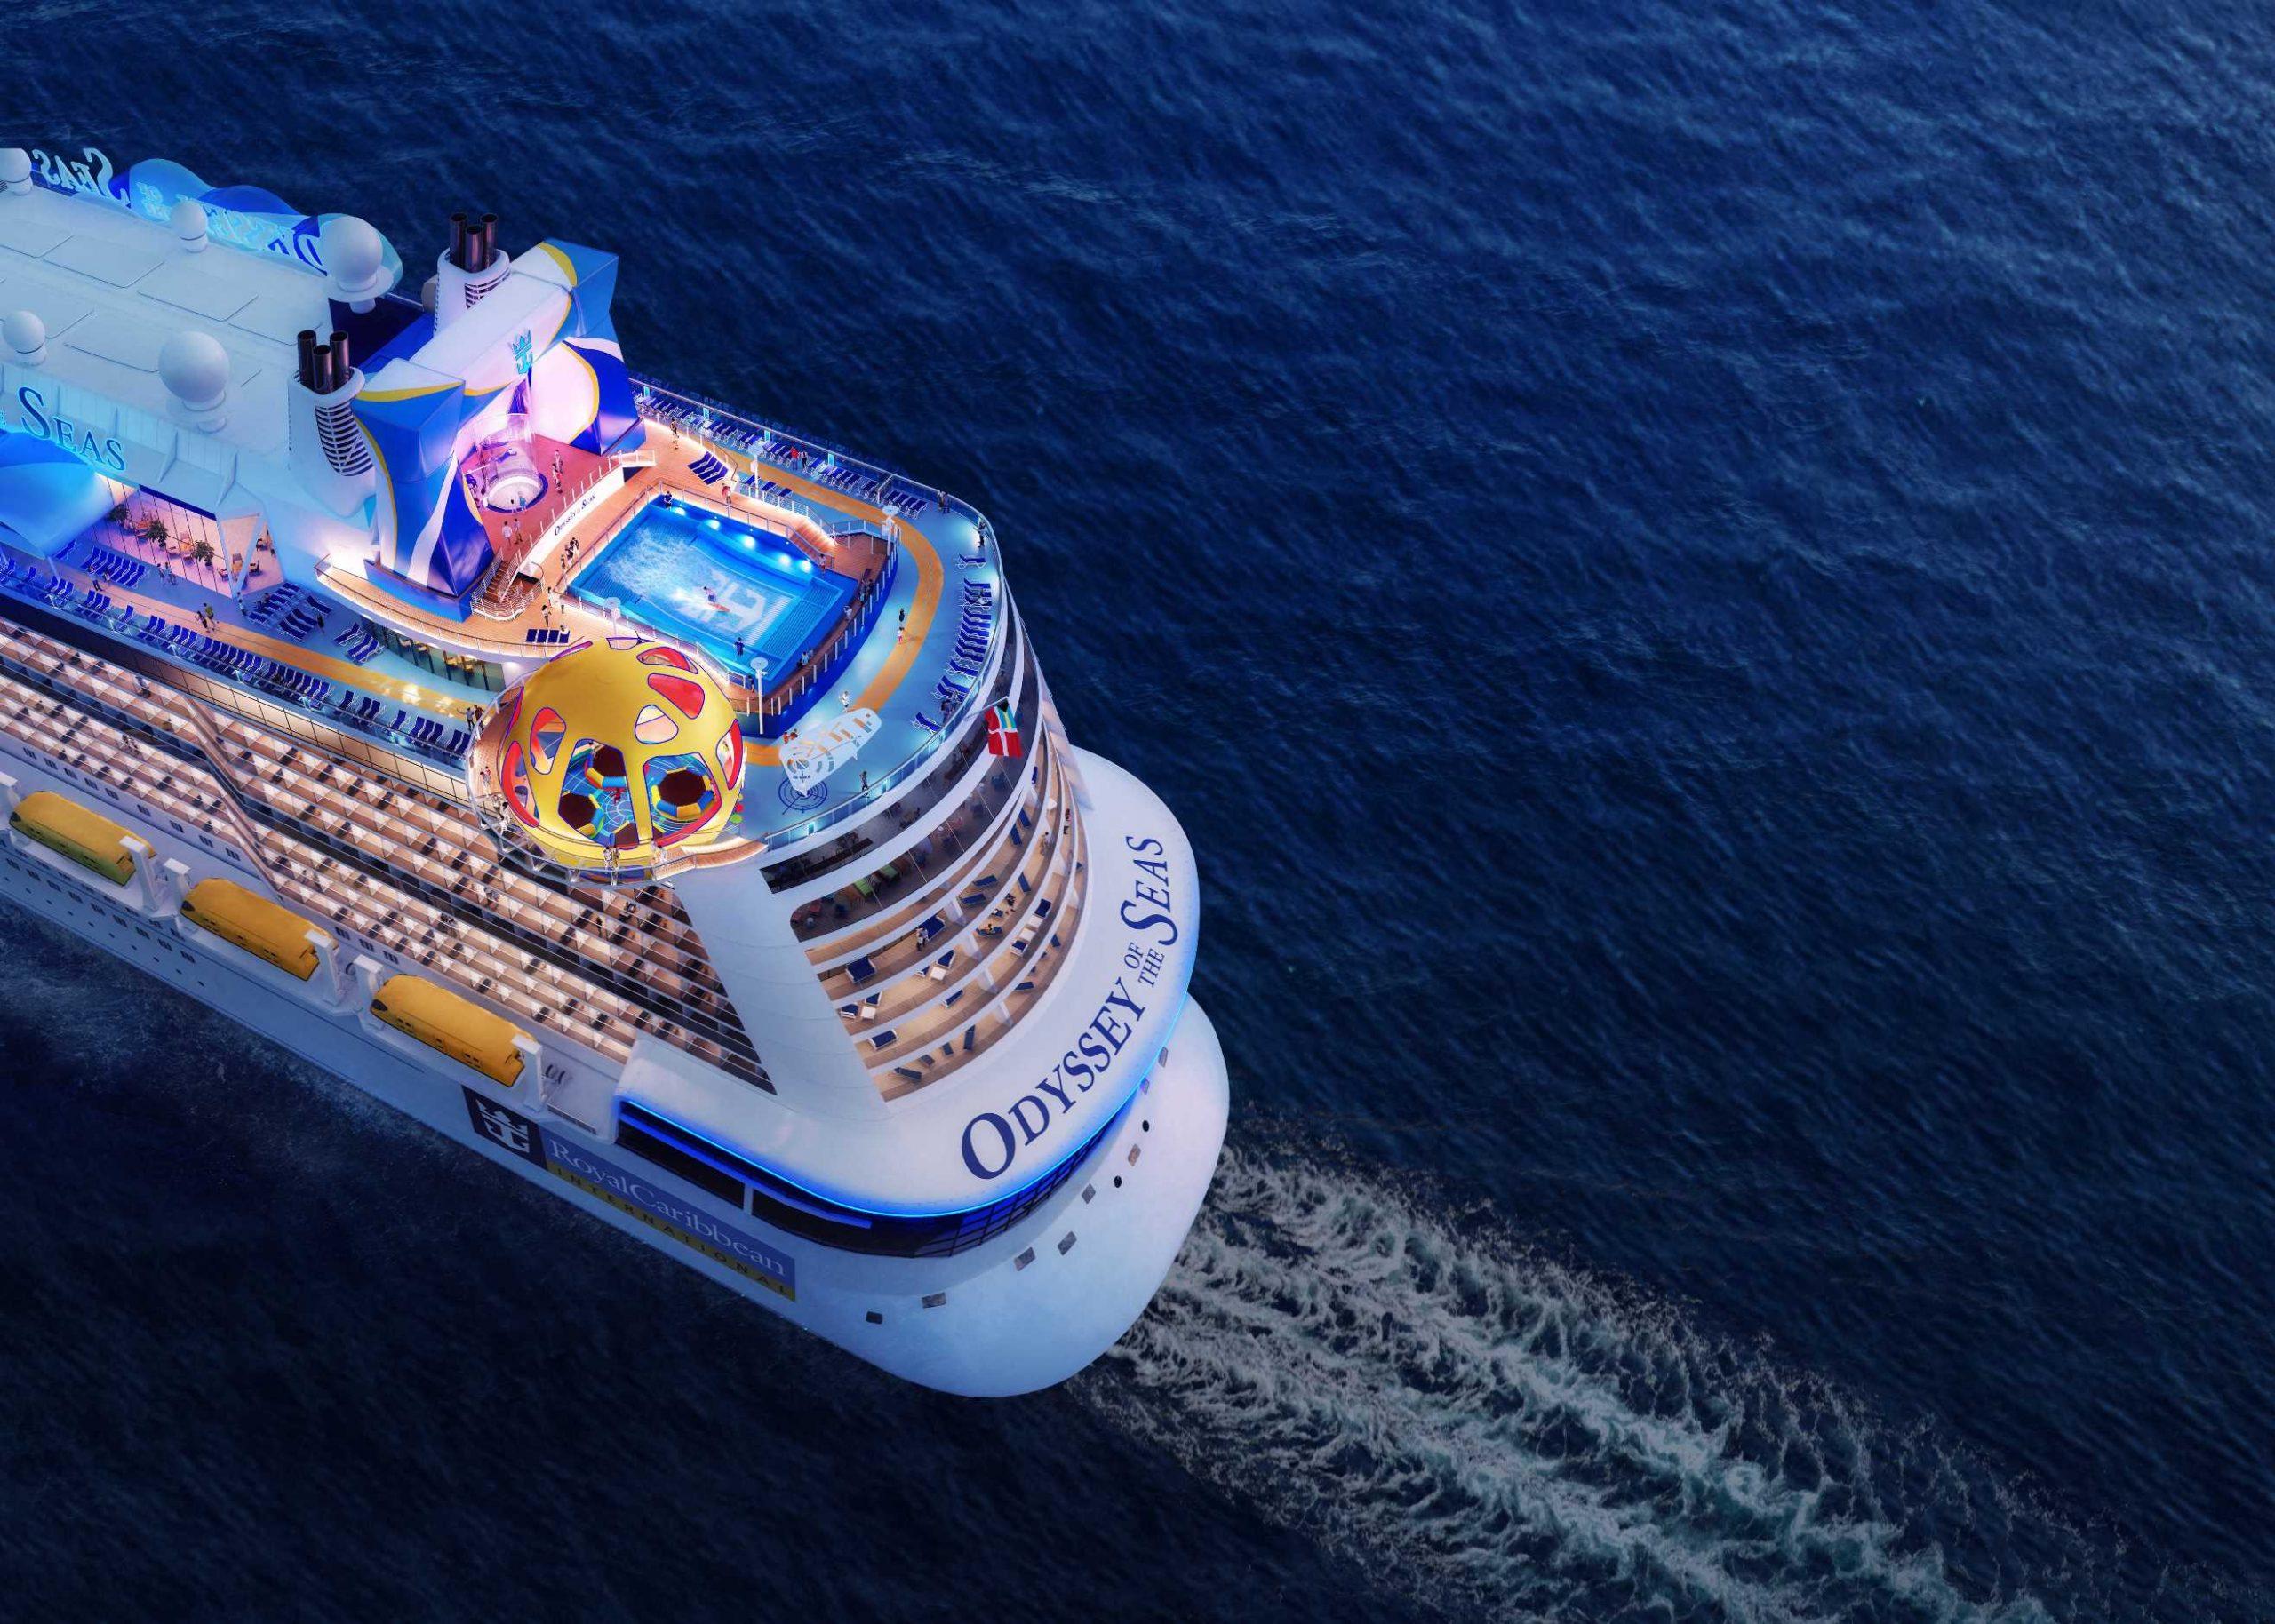 רויאל קריביאן חוזרת לעסקים עם אוניה חדשה